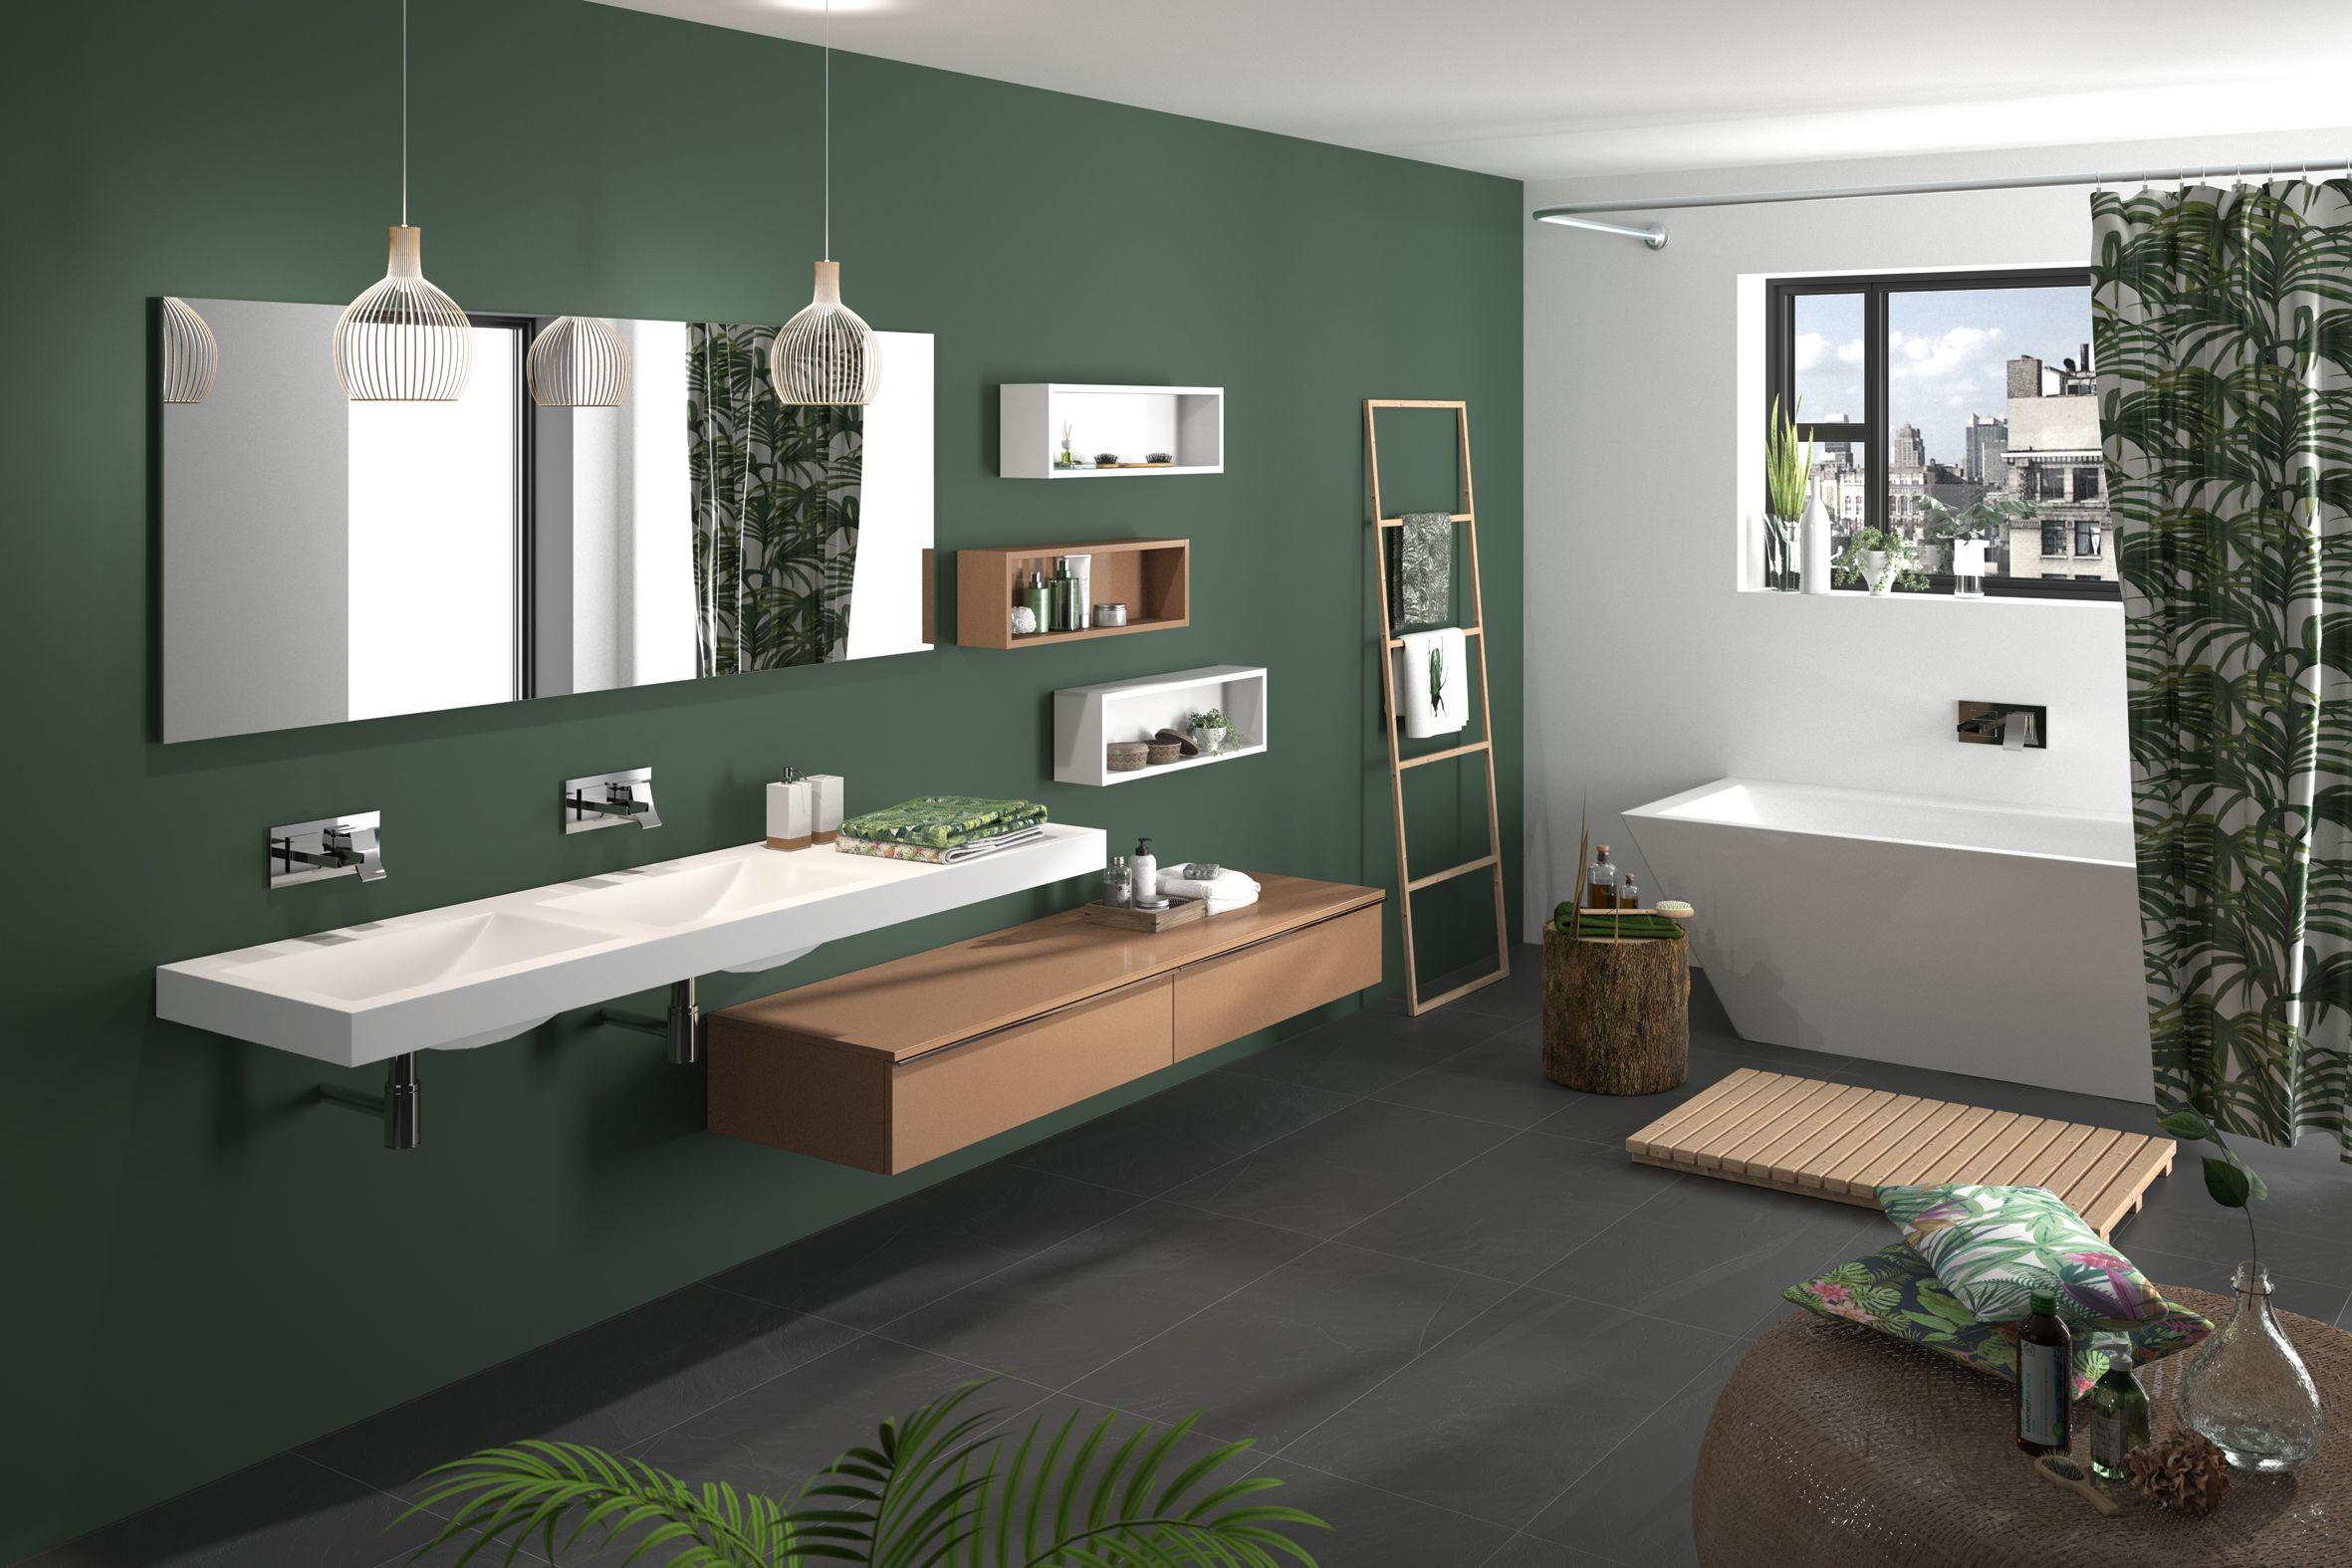 Meuble de salle de bain Cedam - gamme Extenso. sur-mesure double ...